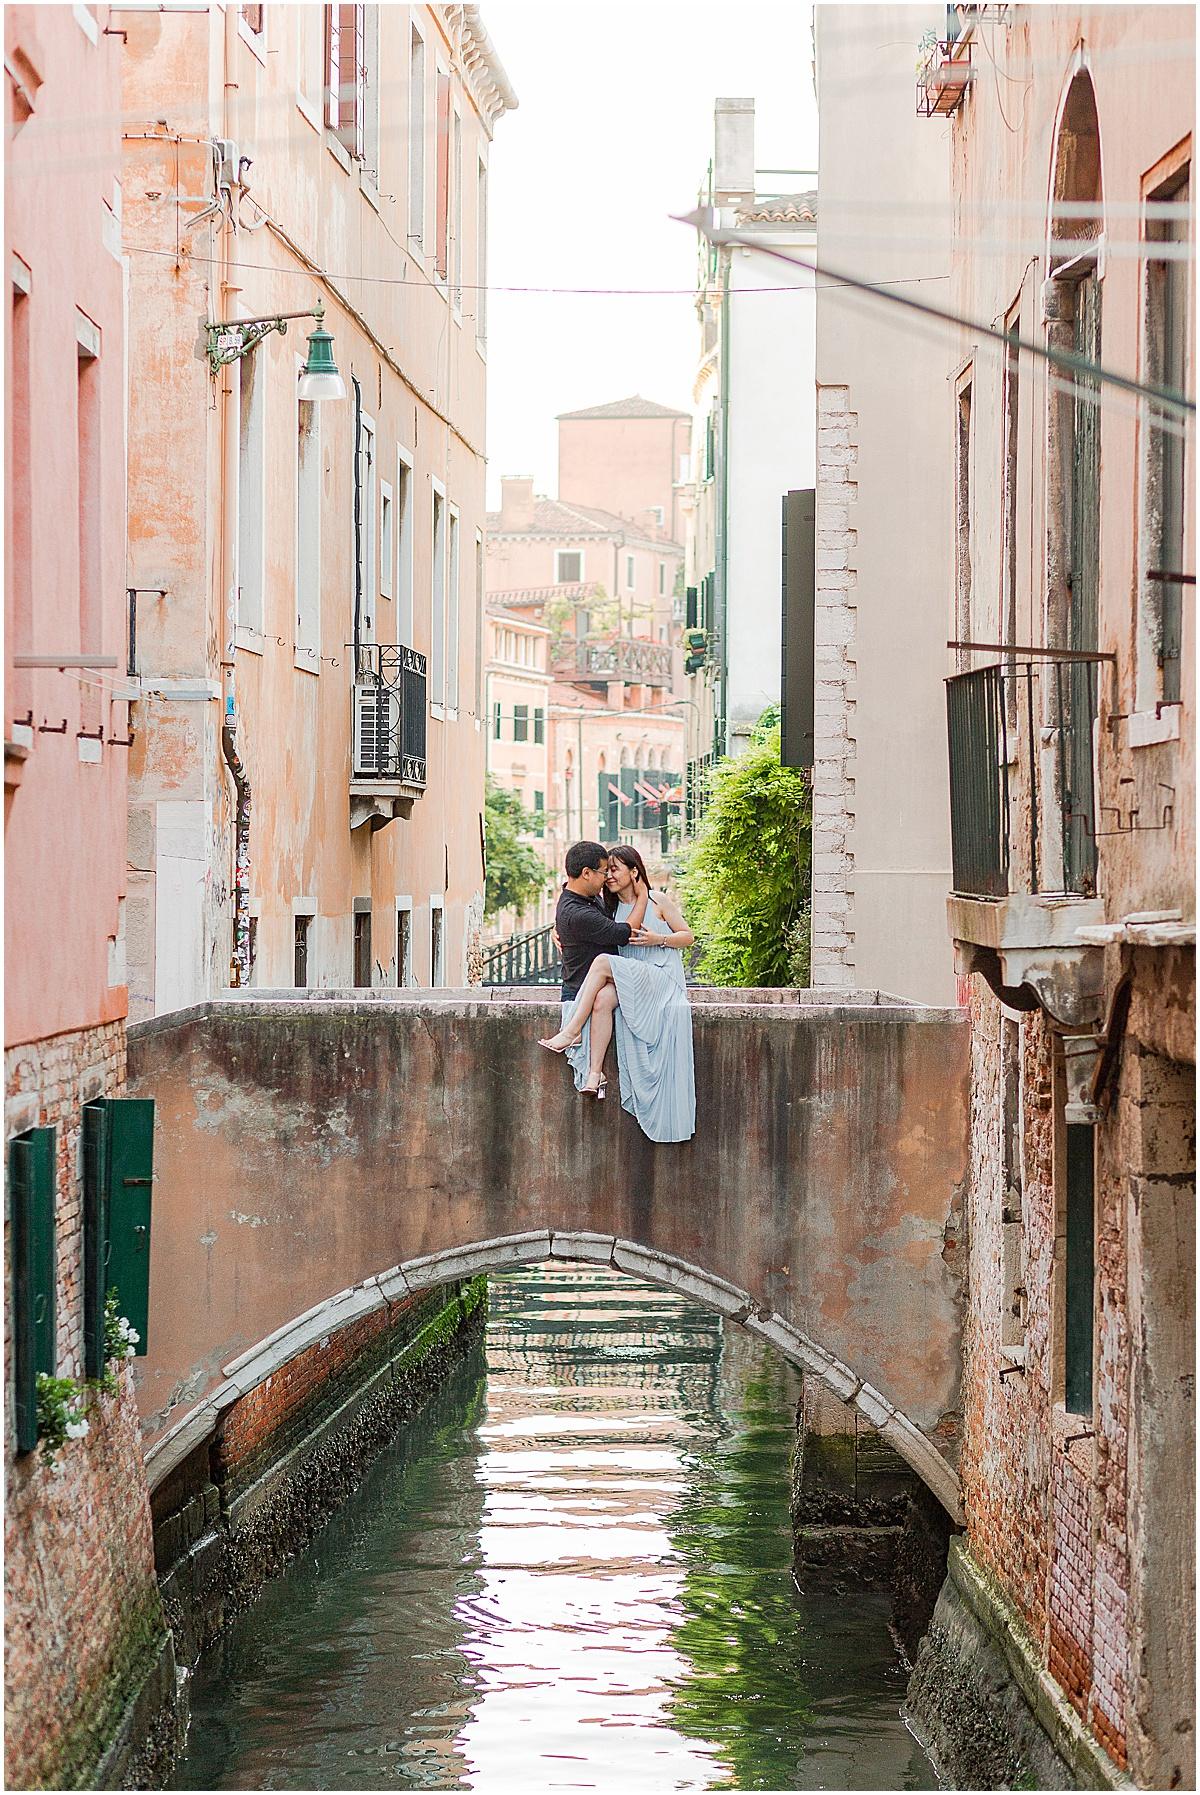 lifestyle-photographer-couple-in-venice-gondola-sunset-stefano-degirmenci_0340.jpg